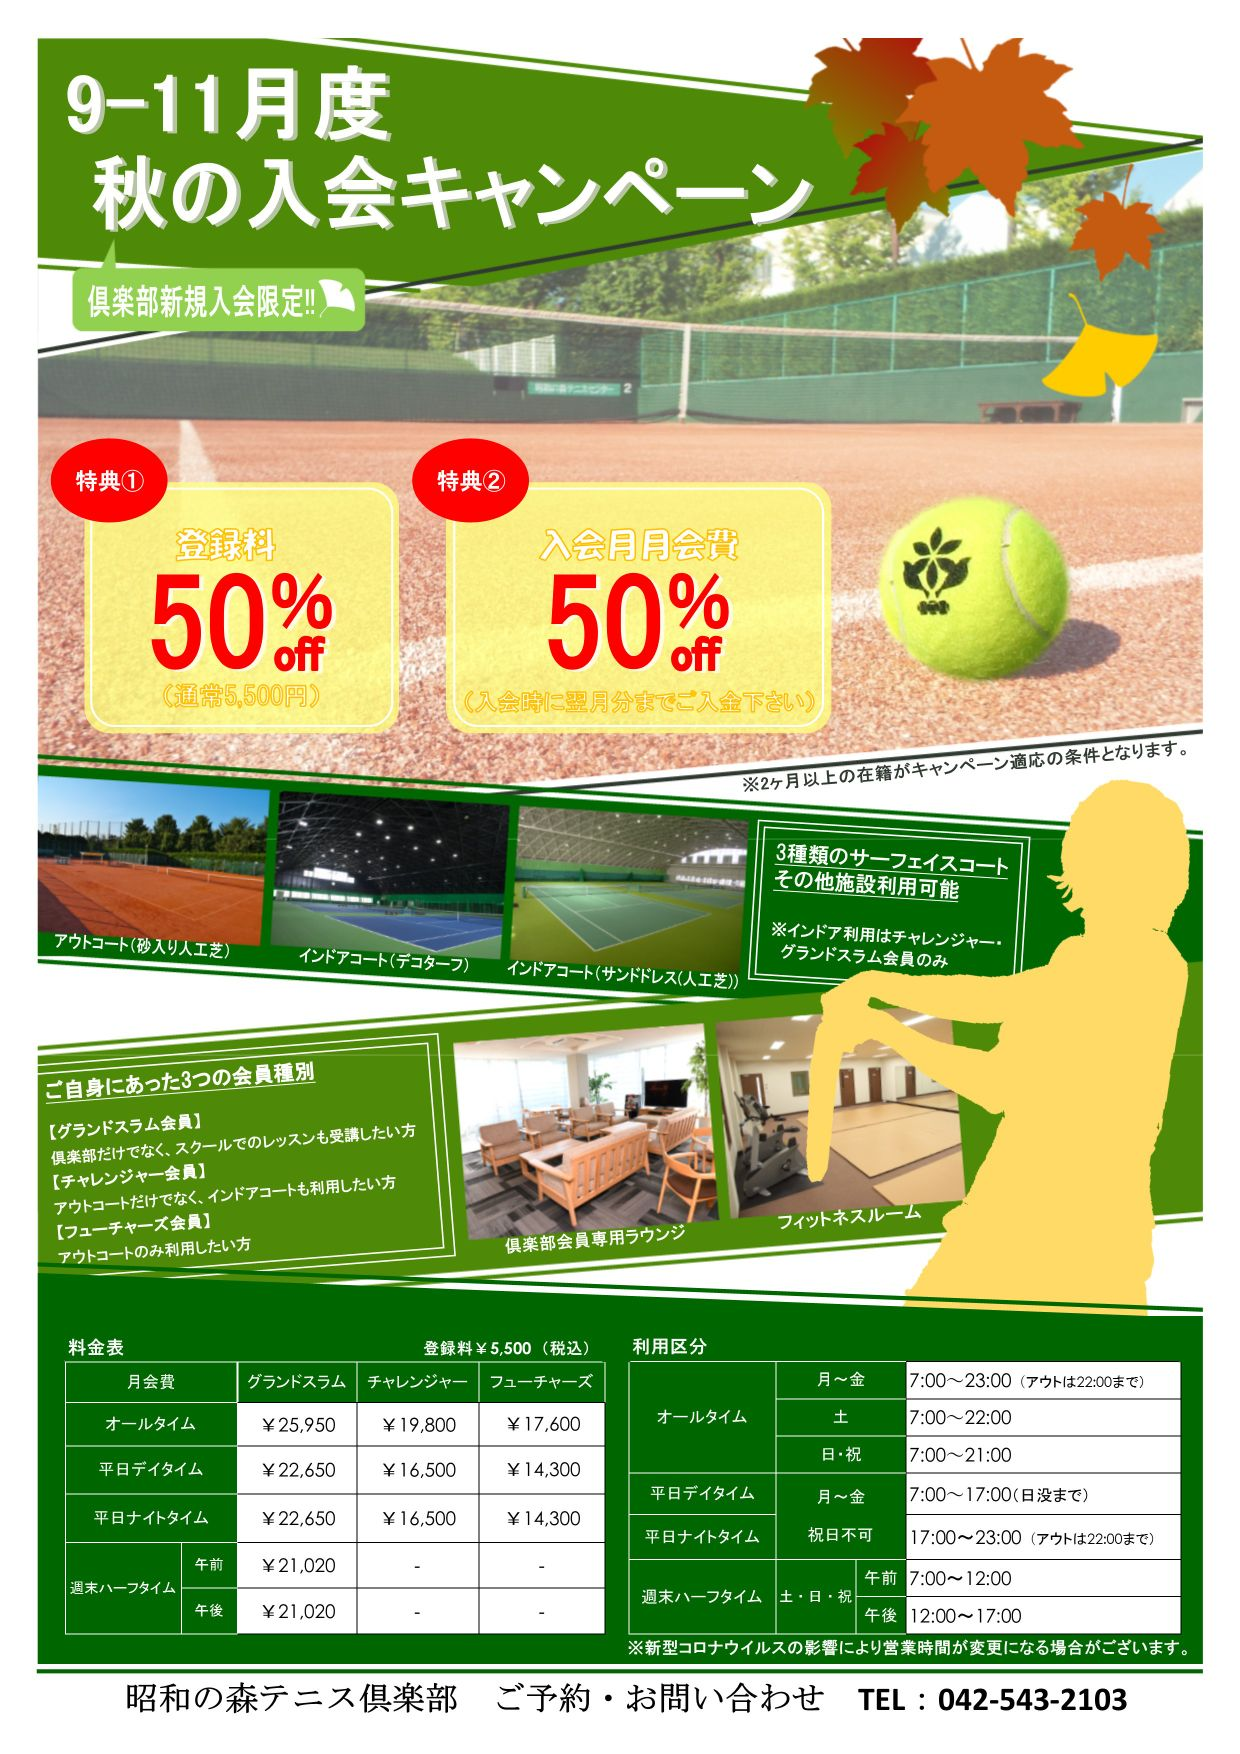 秋の入会キャンペーン 昭和の森テニス倶楽部(東京都昭島市)